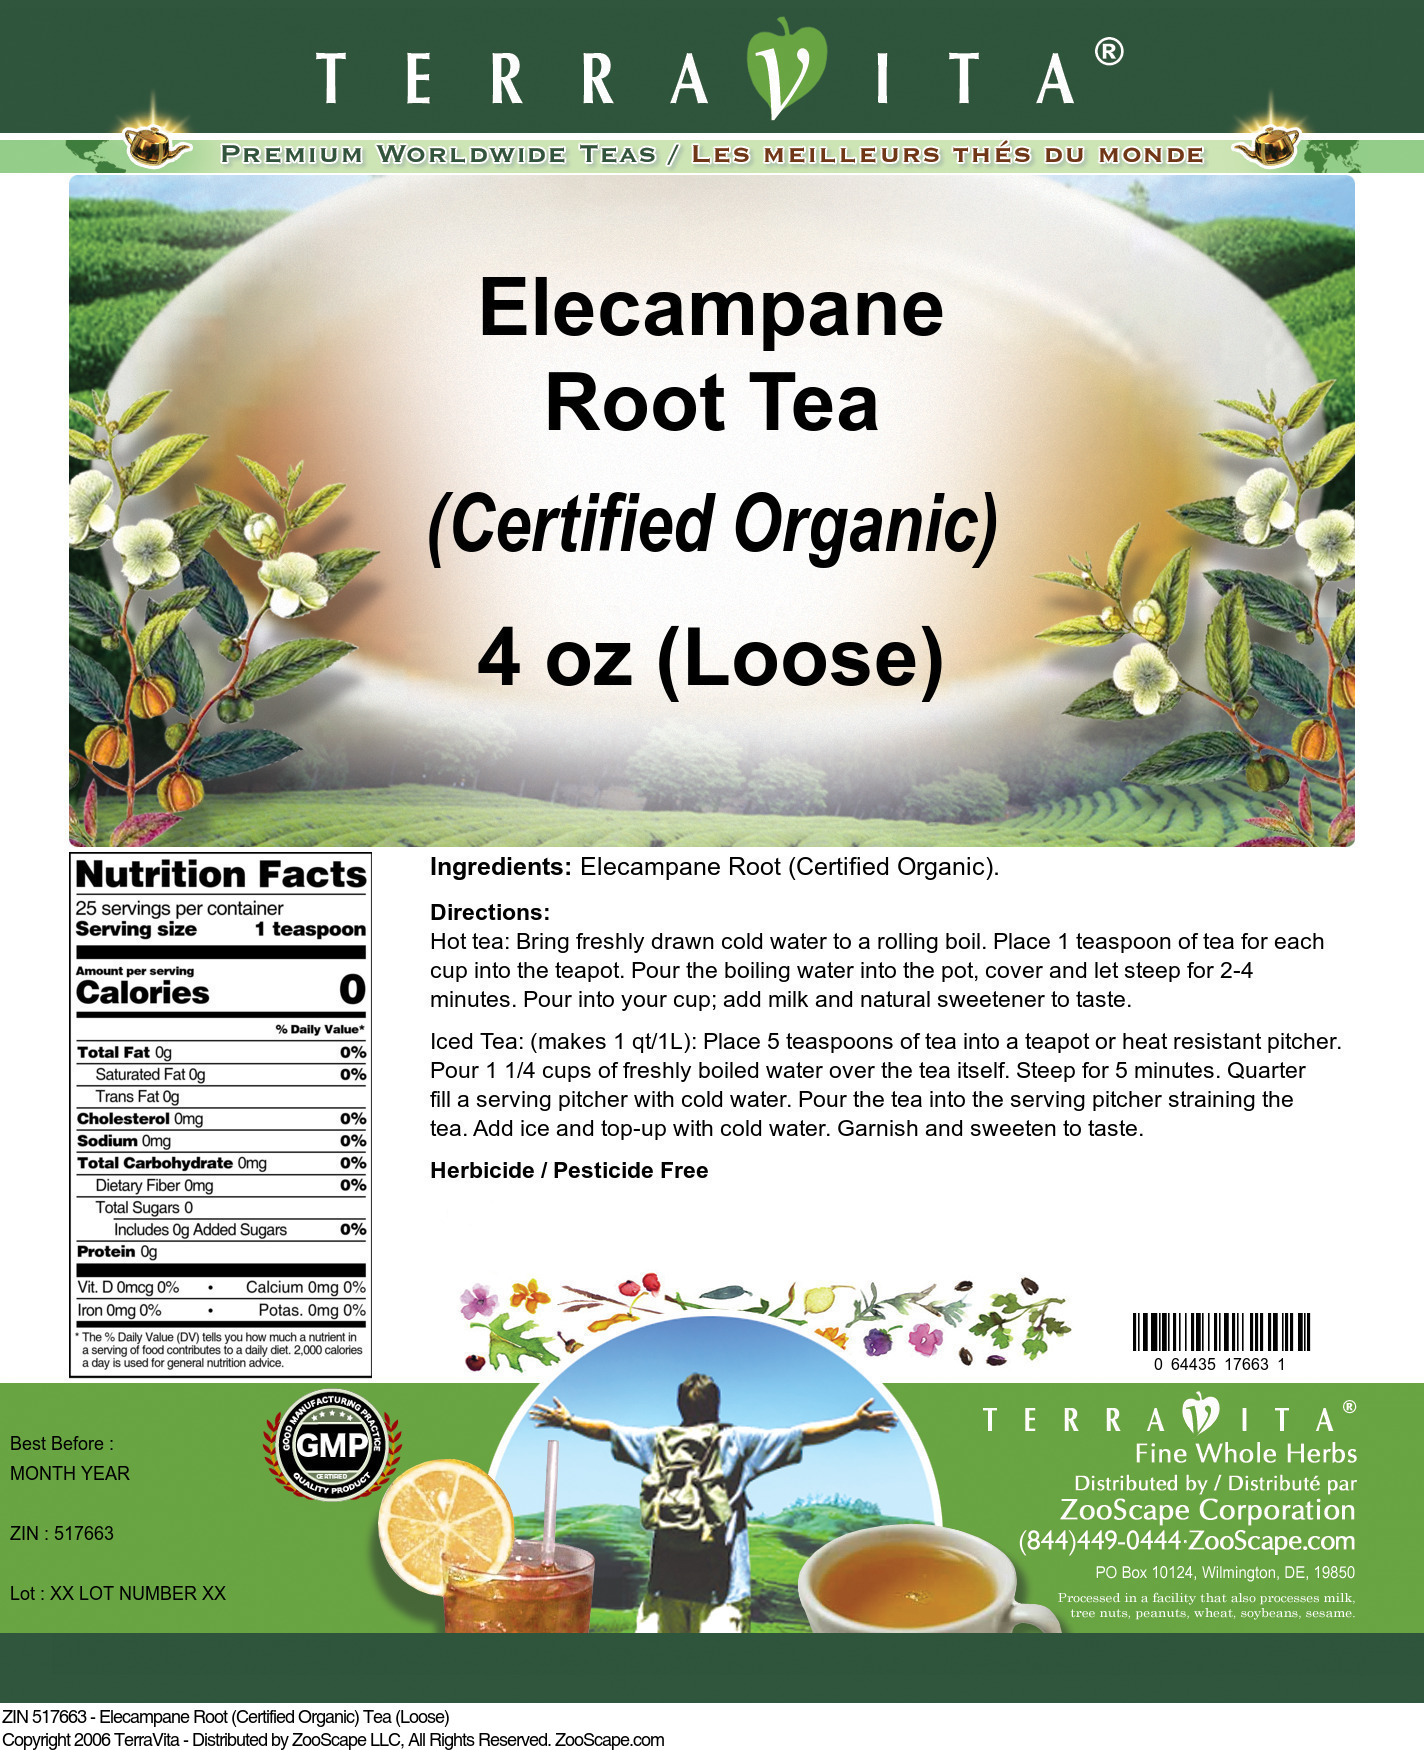 Elecampane Root (Certified Organic) Tea (Loose) - Label